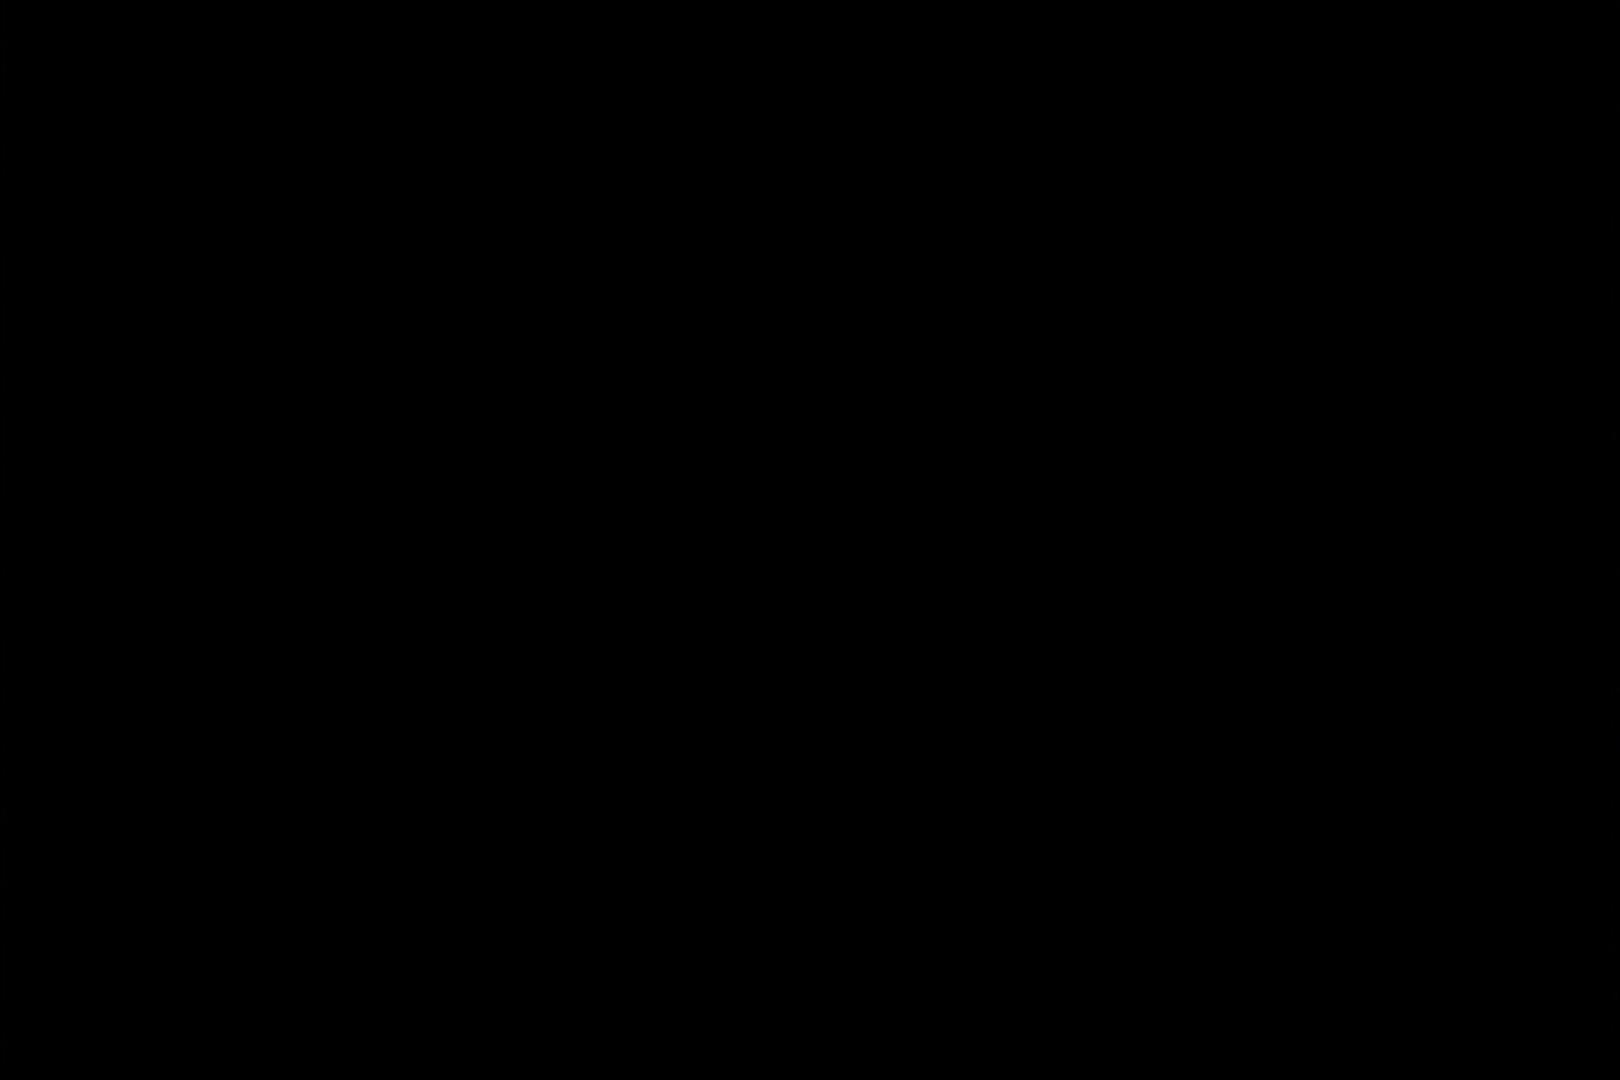 亀さんかわや VIPバージョン! vol.38 マンコ われめAV動画紹介 104連発 46